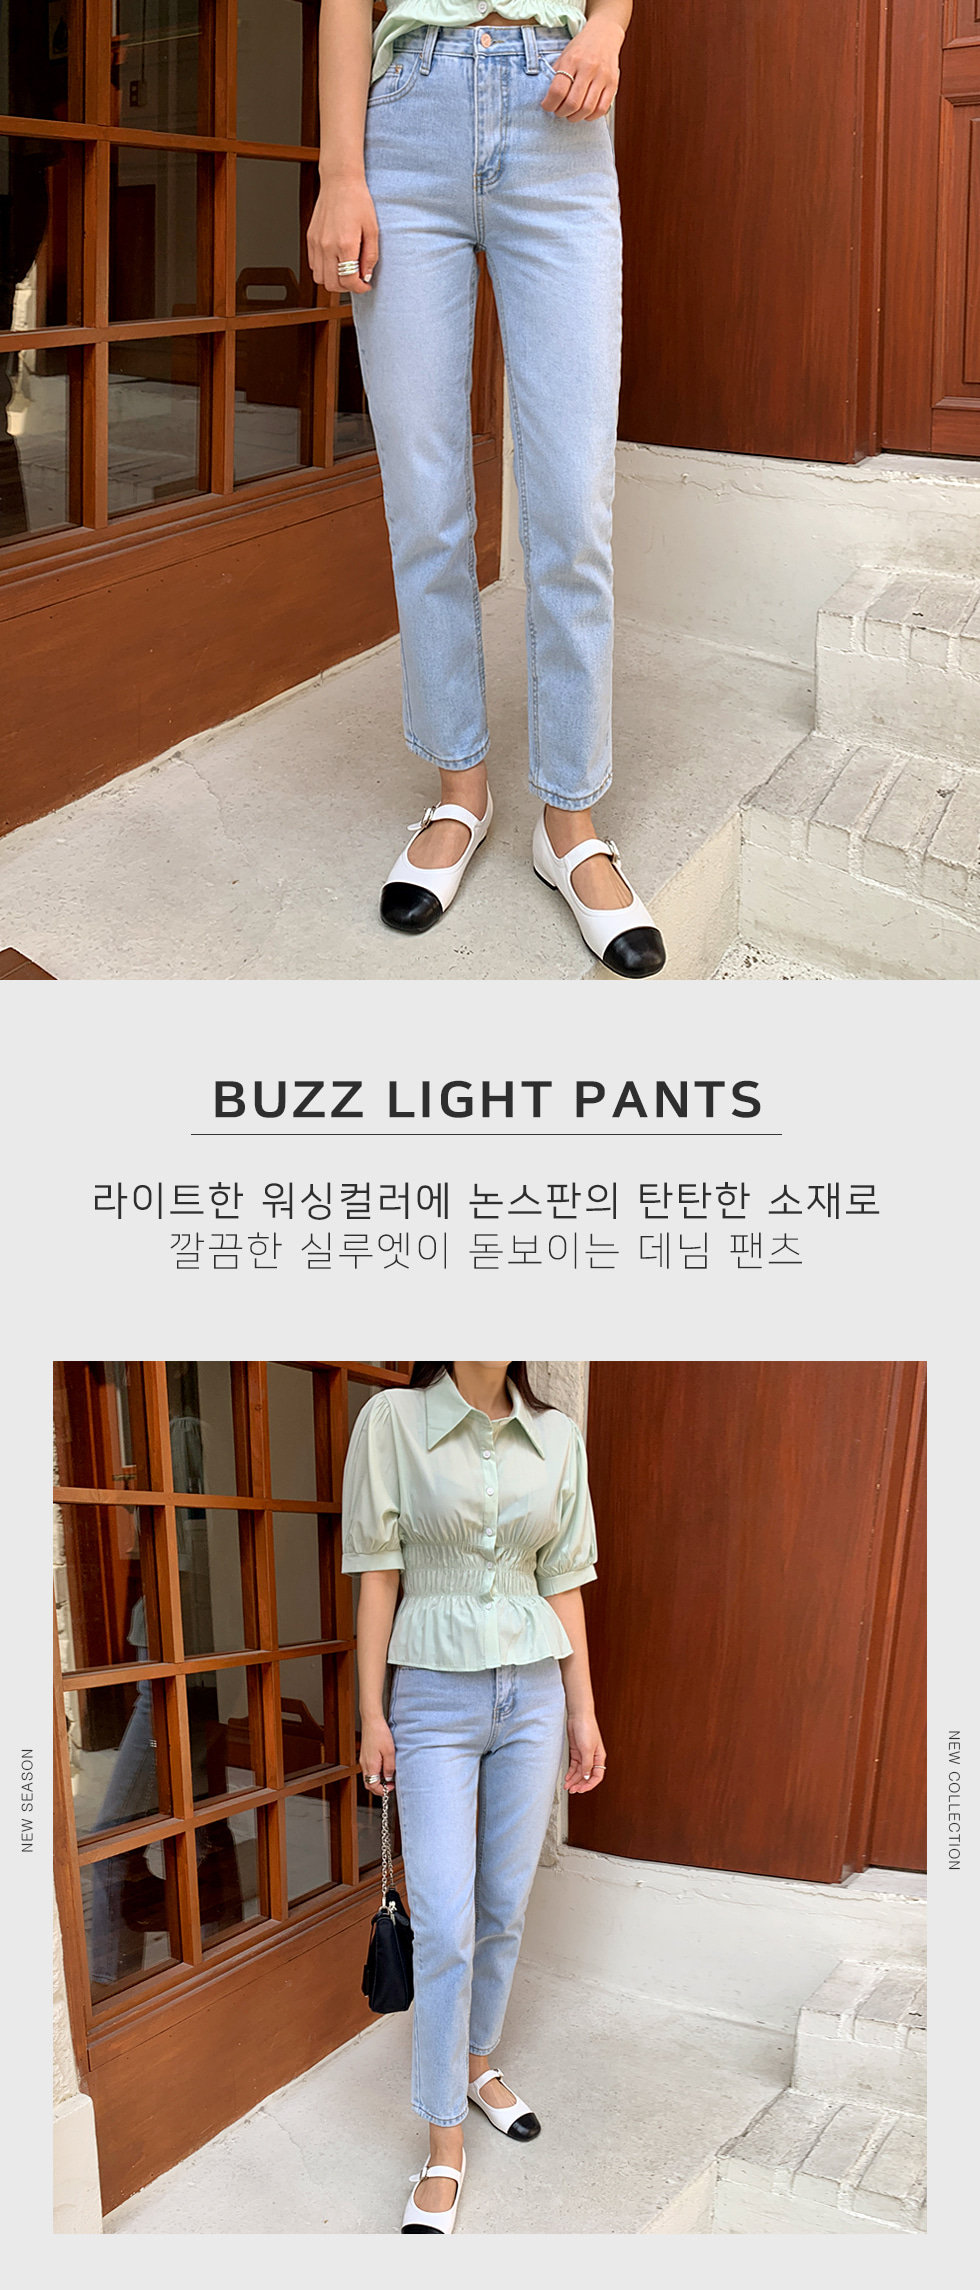 Buzz light pants